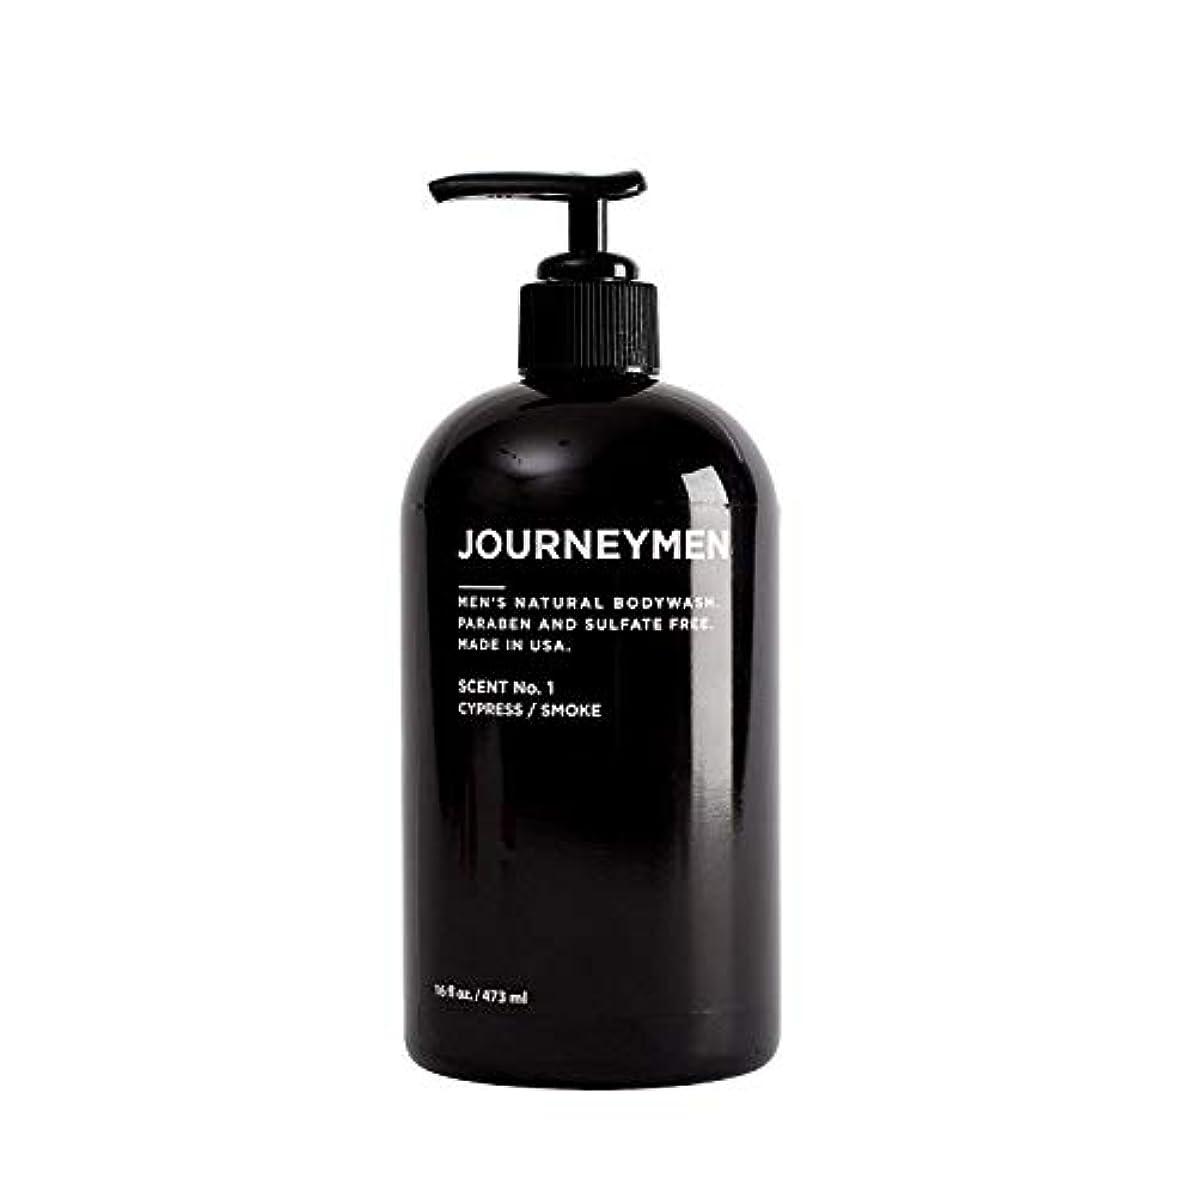 再編成する注釈を付ける機会Journeymen Natural Body Wash 16 oz/473 ml ジャーニーメンナチュラルボディウォッシュ